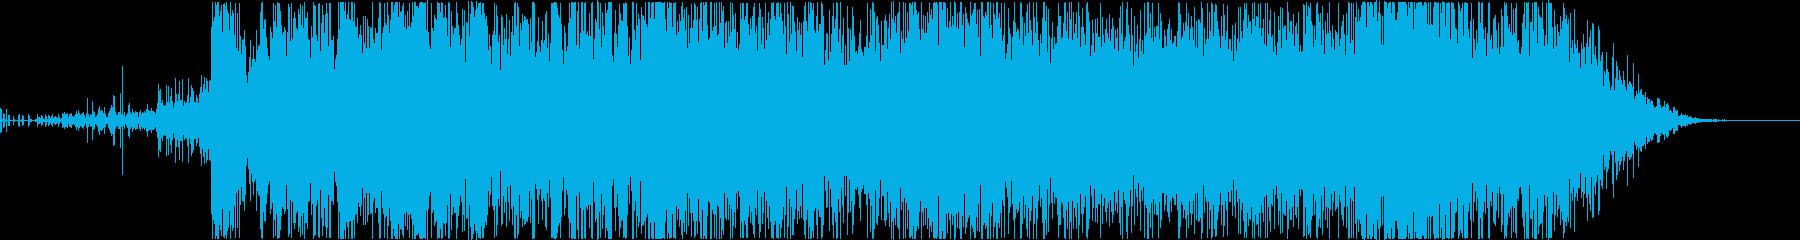 【ゲーム】 戦場_02 岩が崩れるの再生済みの波形